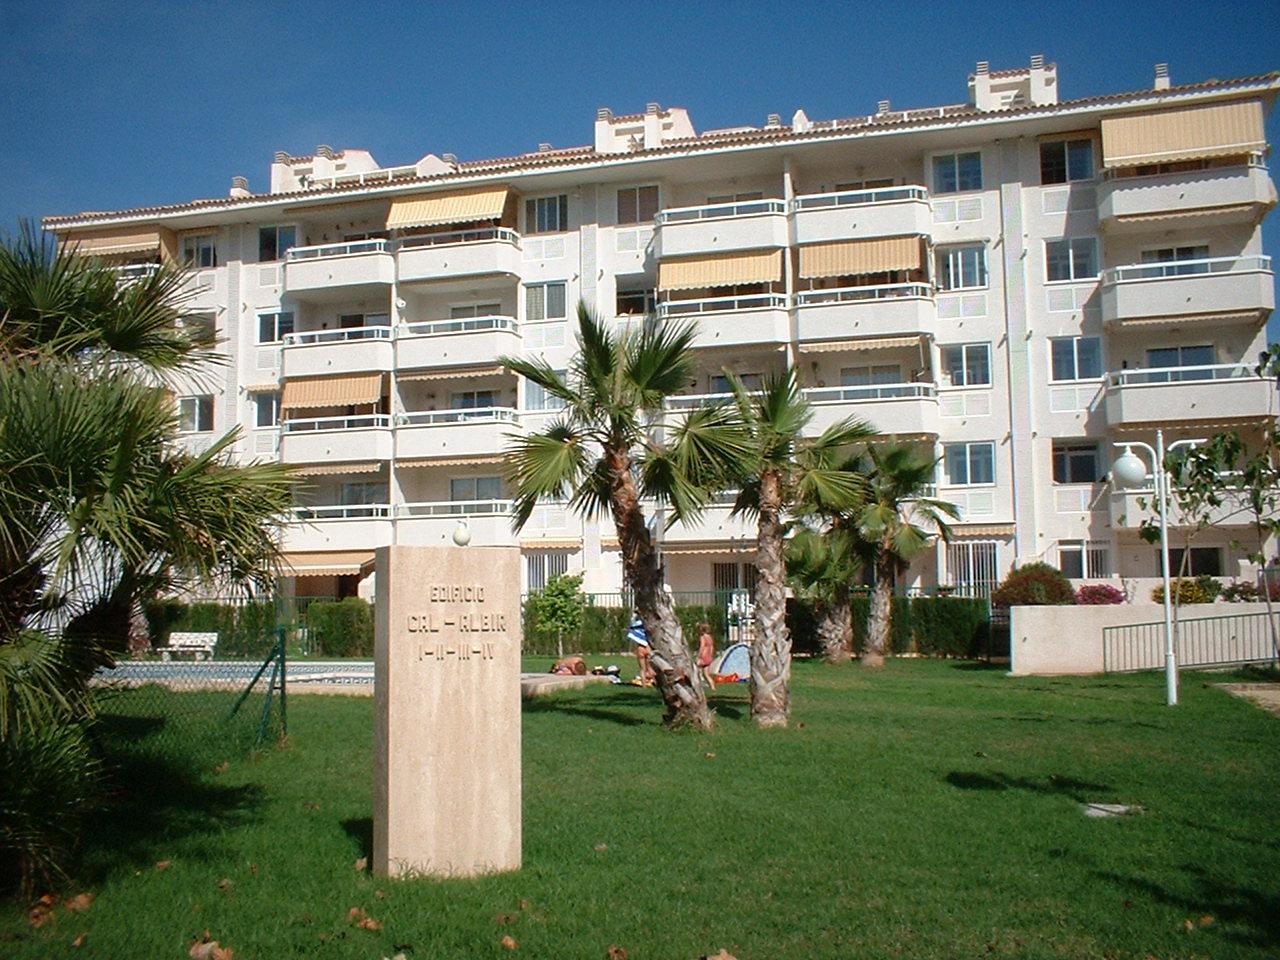 Arquitectura t cnica edificios residenciales for Arquitectura tecnica a distancia